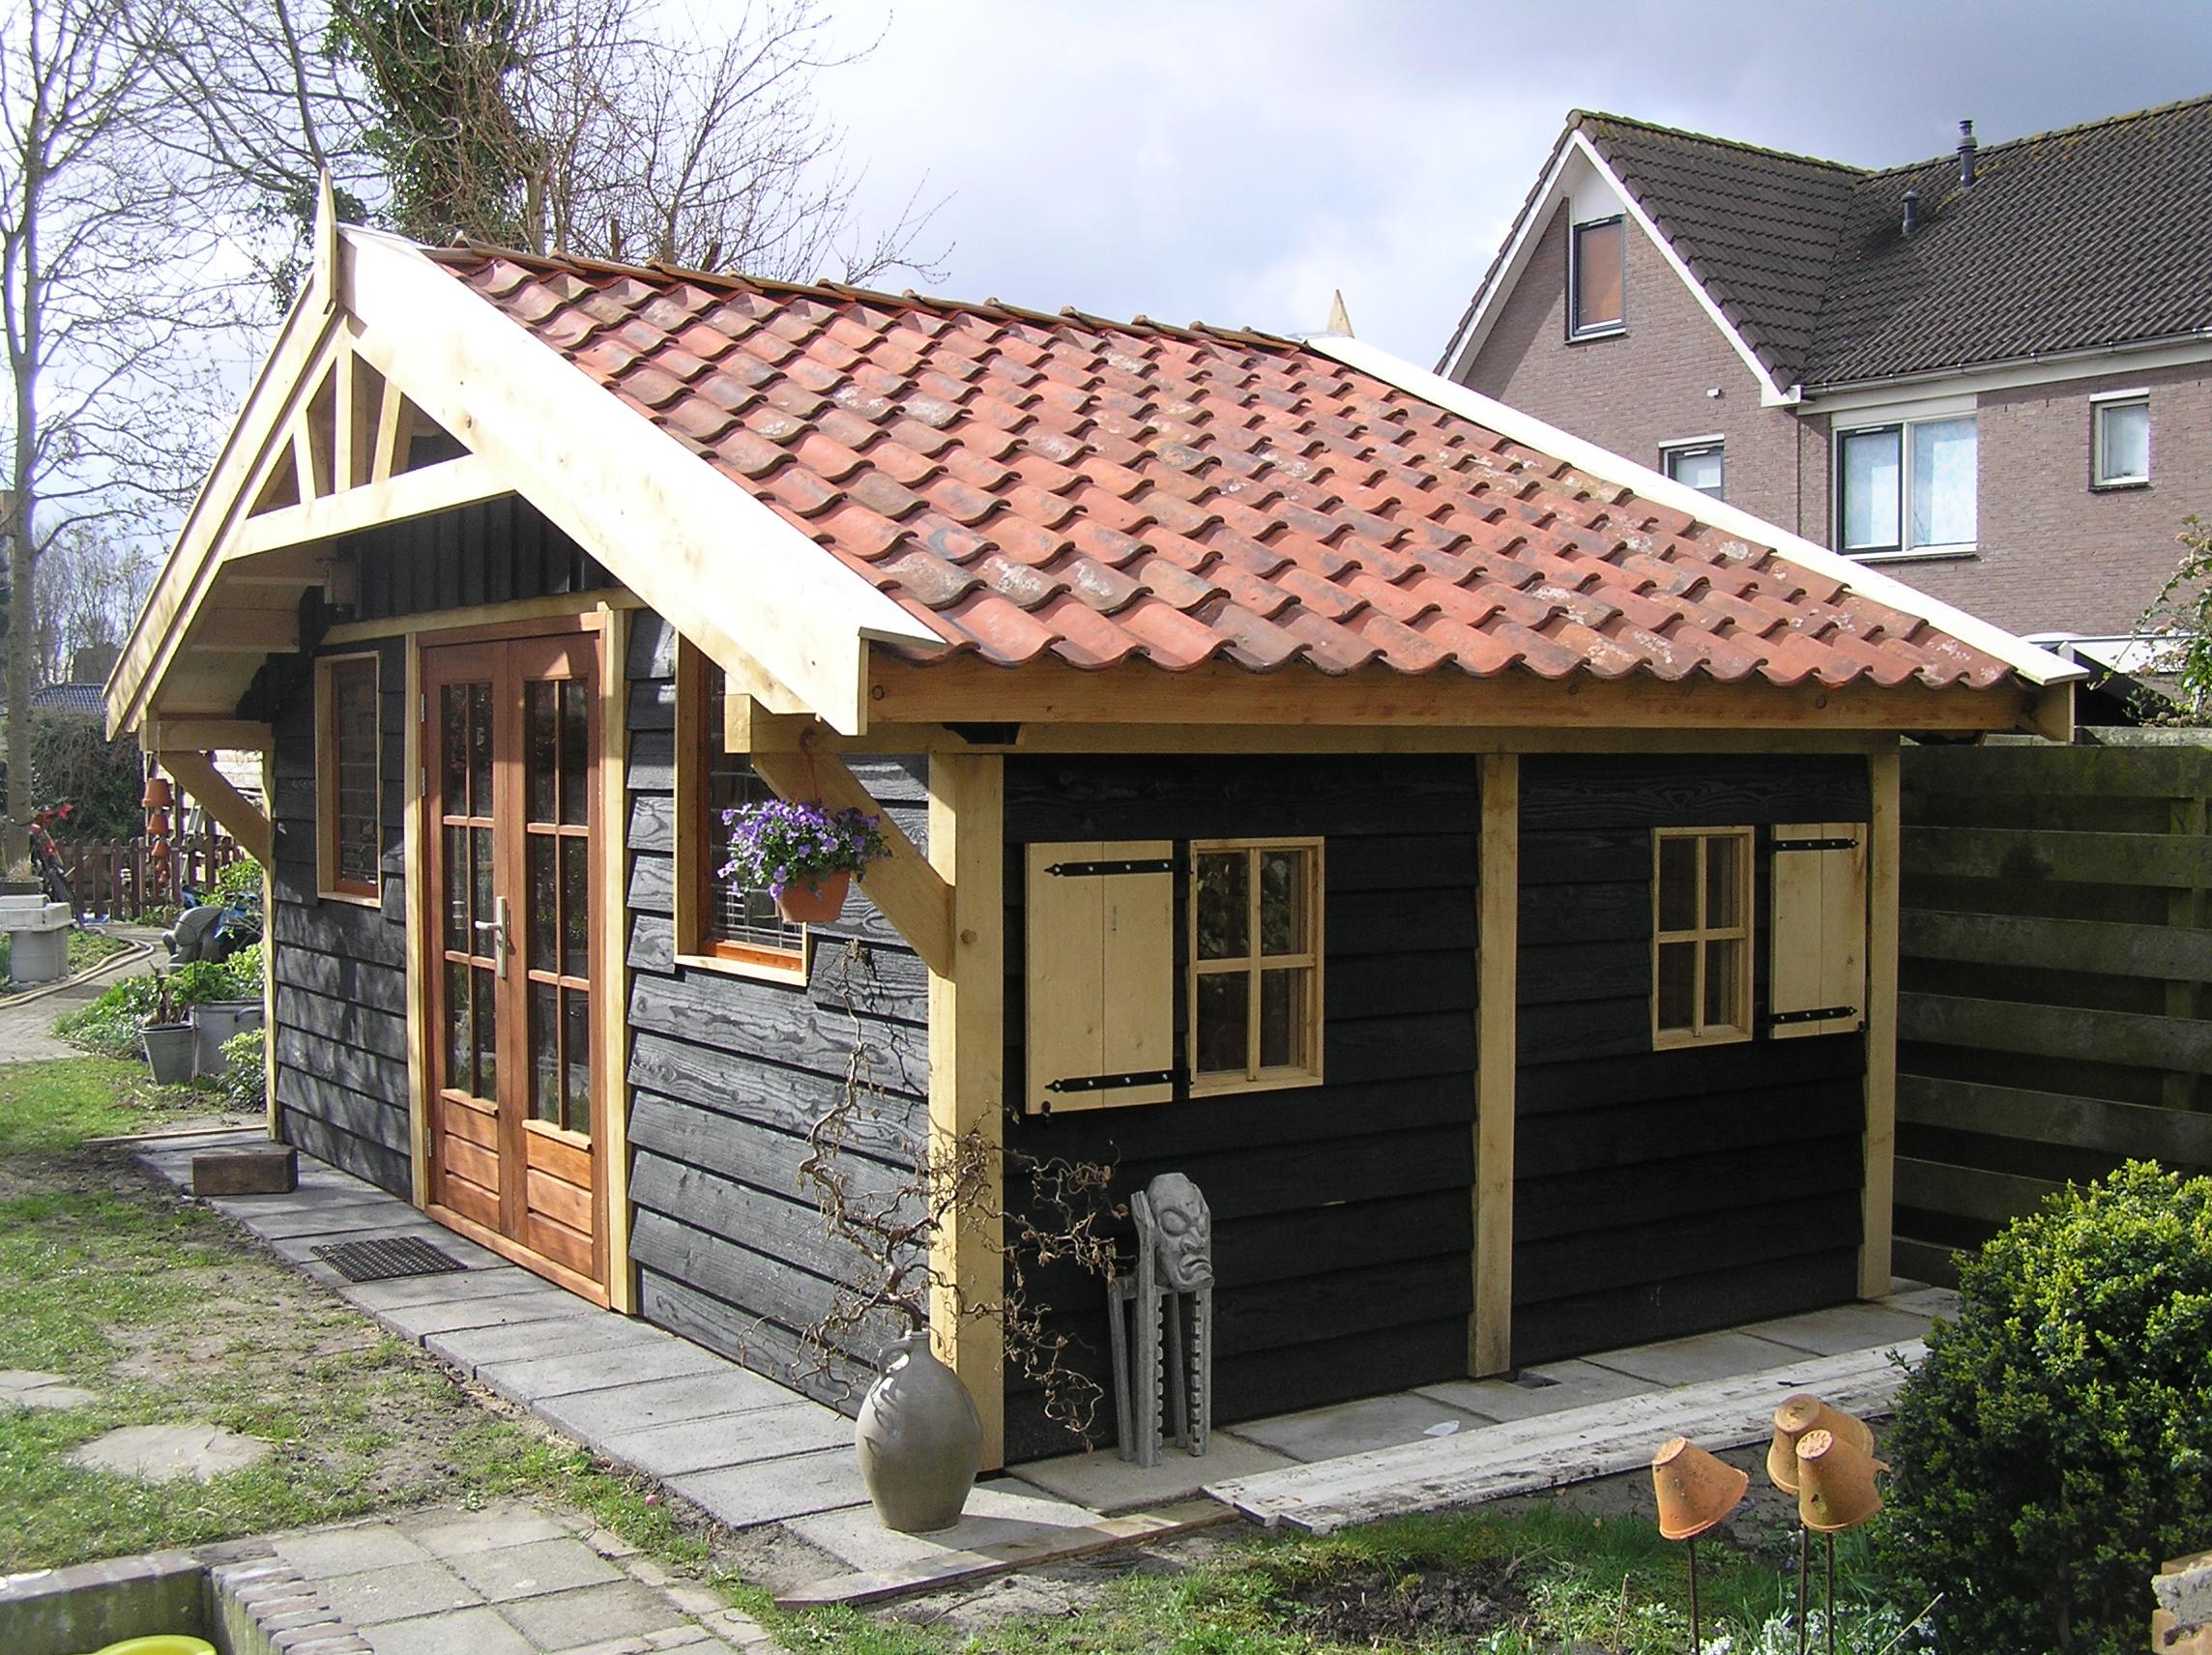 eikenhouten_tuinpaviljoen - Heerlijk wegdromen in de prachtige houten tuinpaviljoen 'marqués'.